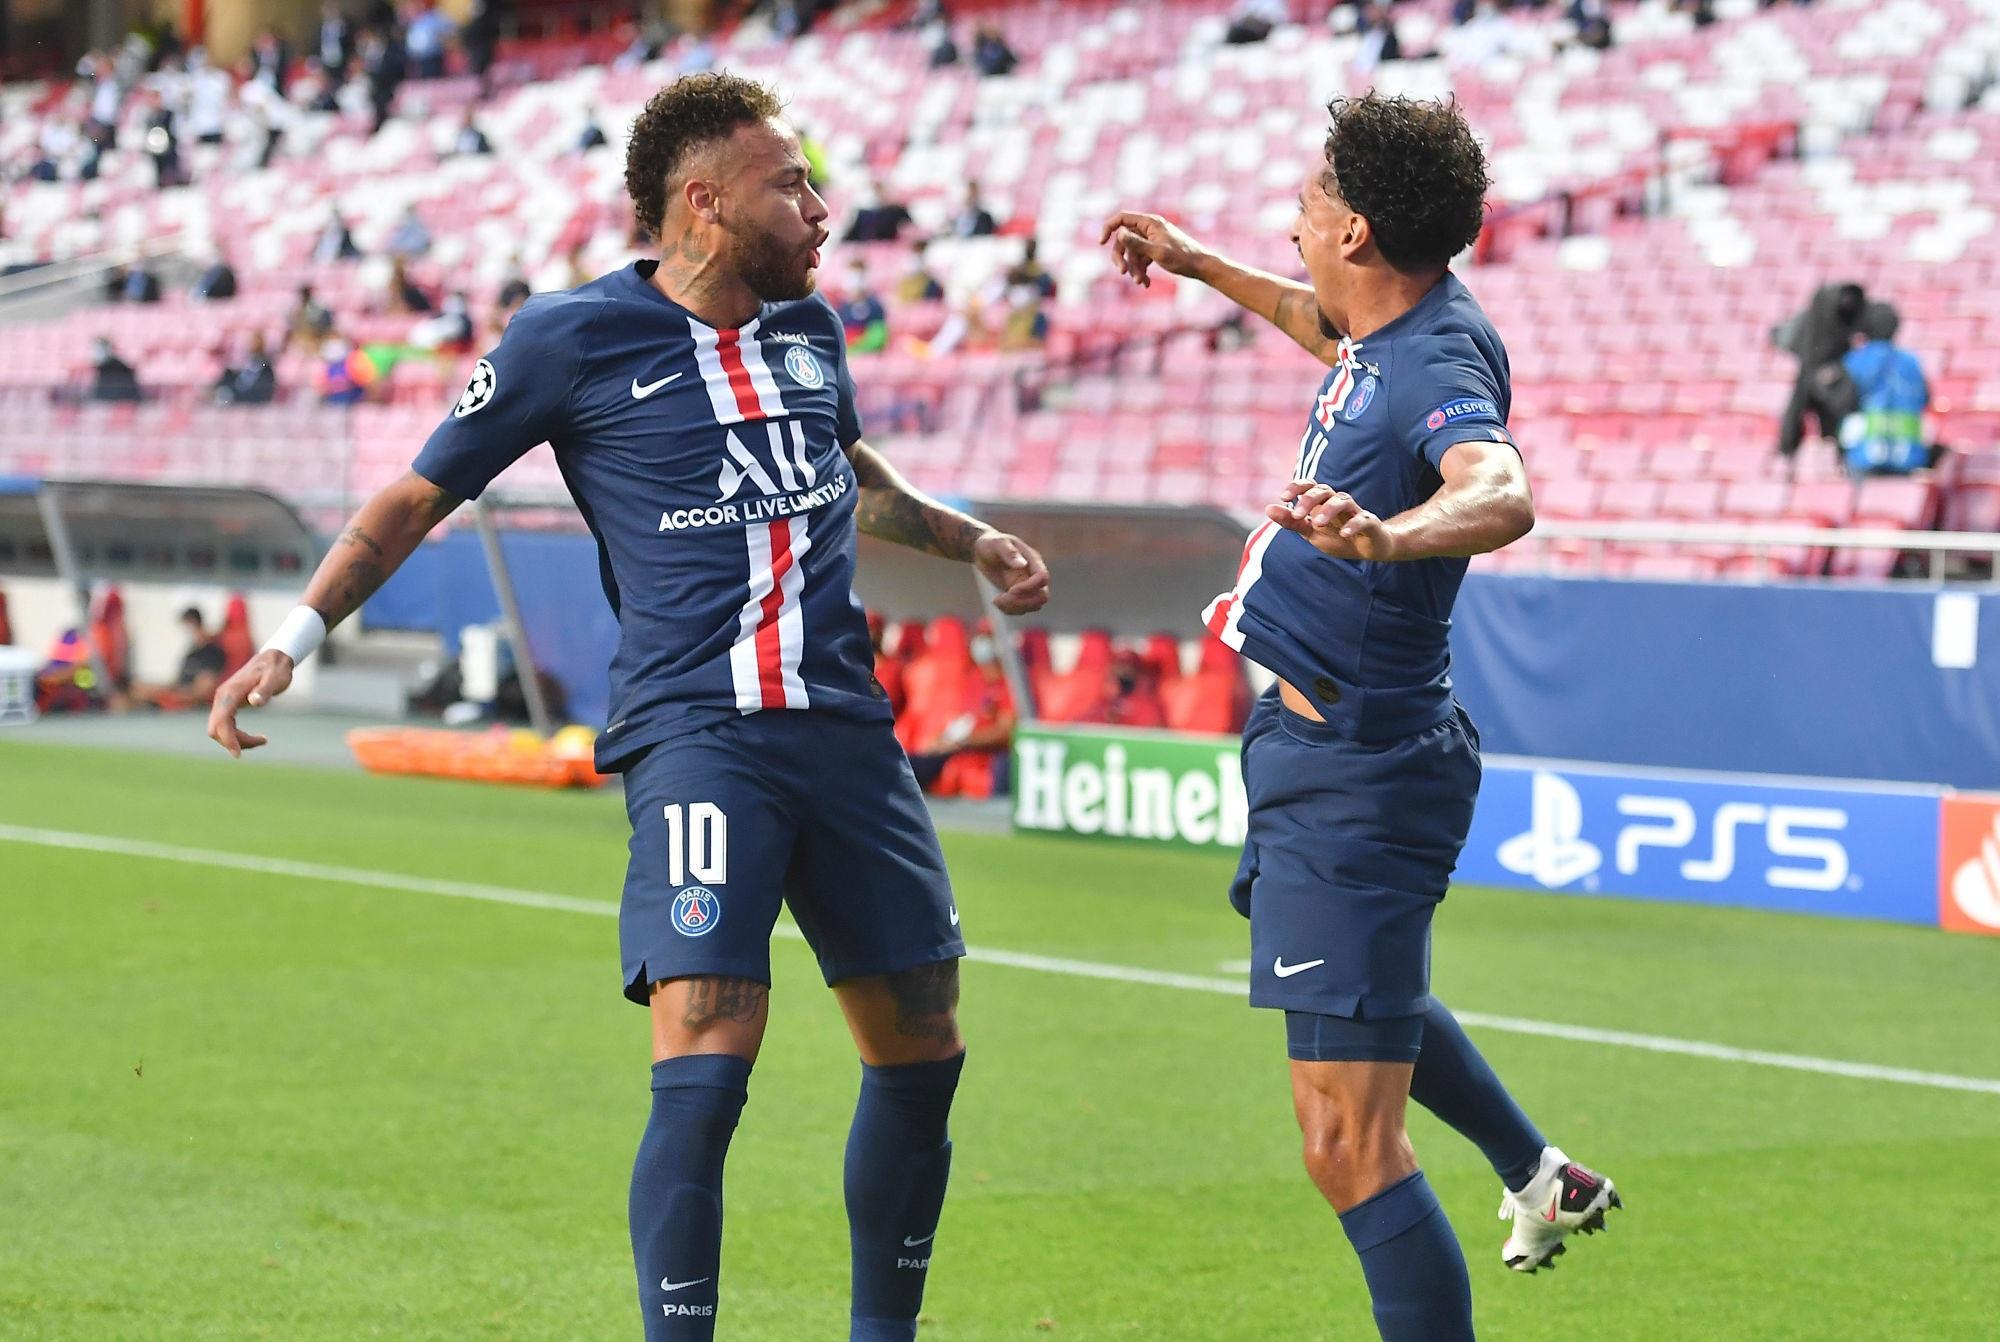 Pagliari souligne l'envie de Neymar de jouer face à l'OM et le bonheur de Marquinhos avec Pochettino